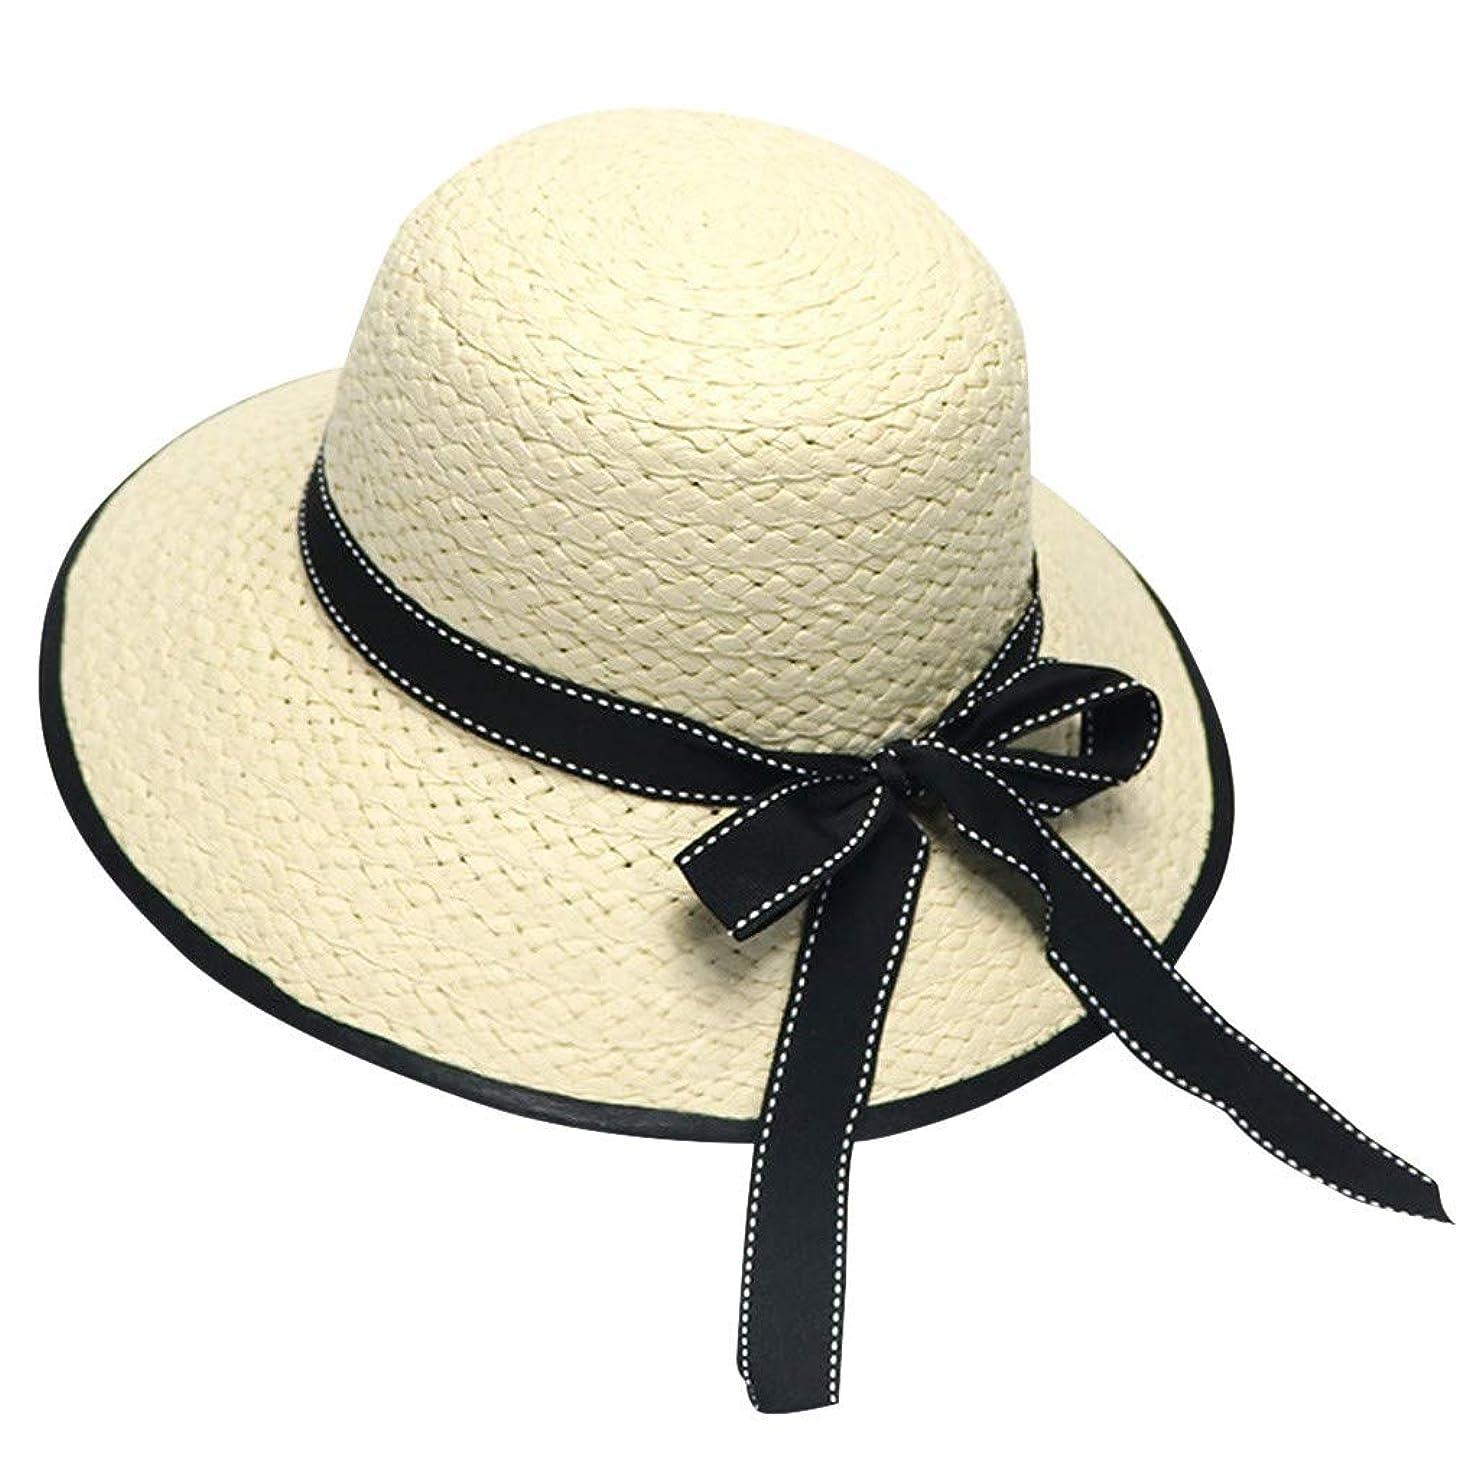 選択見捨てられた近々帽子 レディース つば広 UVカット 熱中症 夏 海 紫外線 日除け 麦わら帽子 レディース小顔効果 蝶結び 親子帽 ストロー ハット 折りたたみ 紫外線対策 ジャングルハット おしゃれ 日よけ 日常用 可愛い ROSE ROMAN